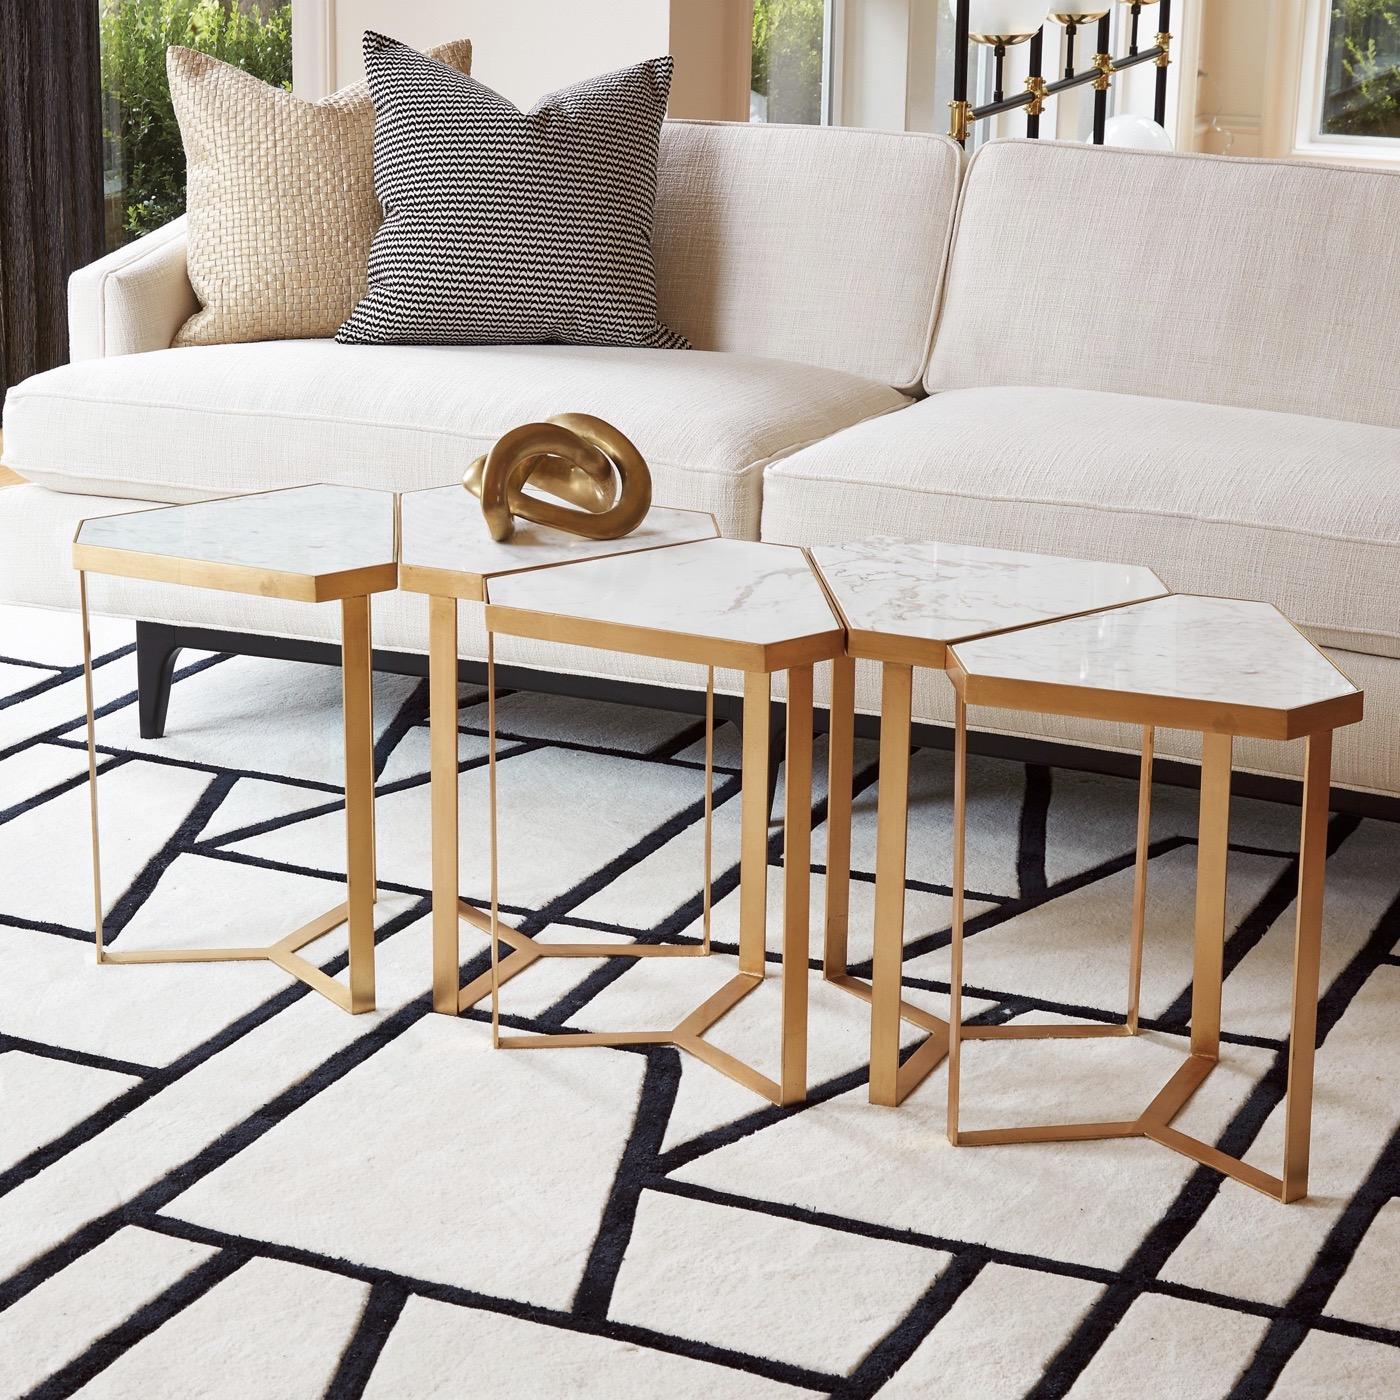 Delta Goldleaf Side Table | Marble Top